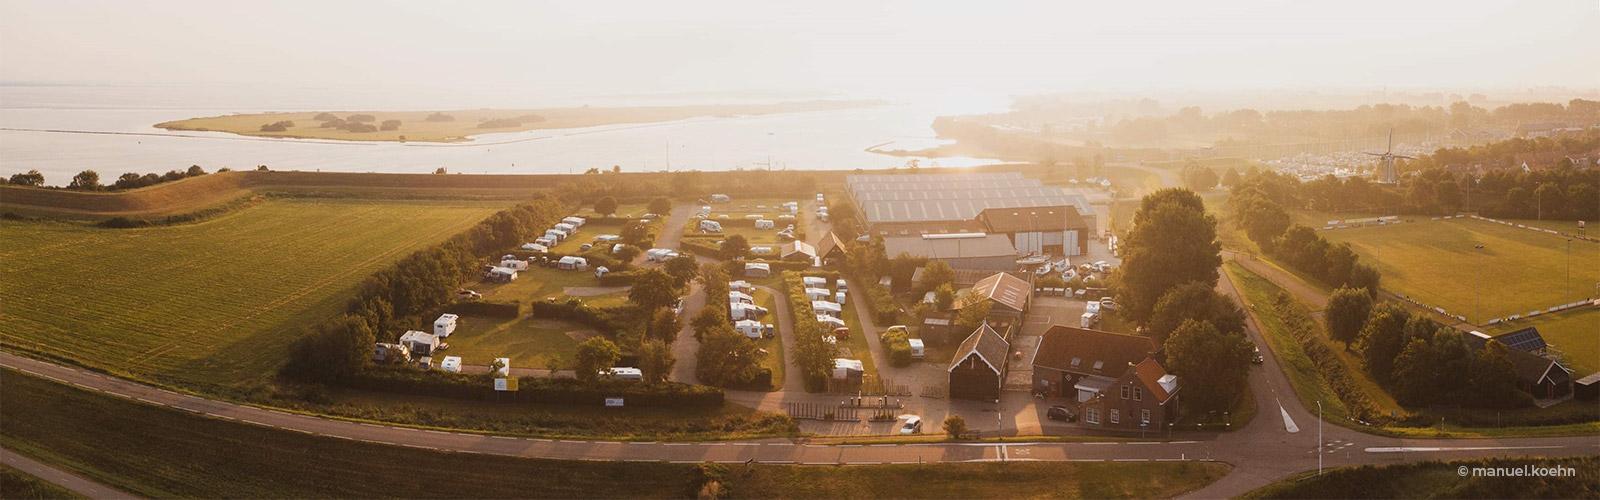 Camping Noordernieuwland Brouwershaven Renesse Zeeland